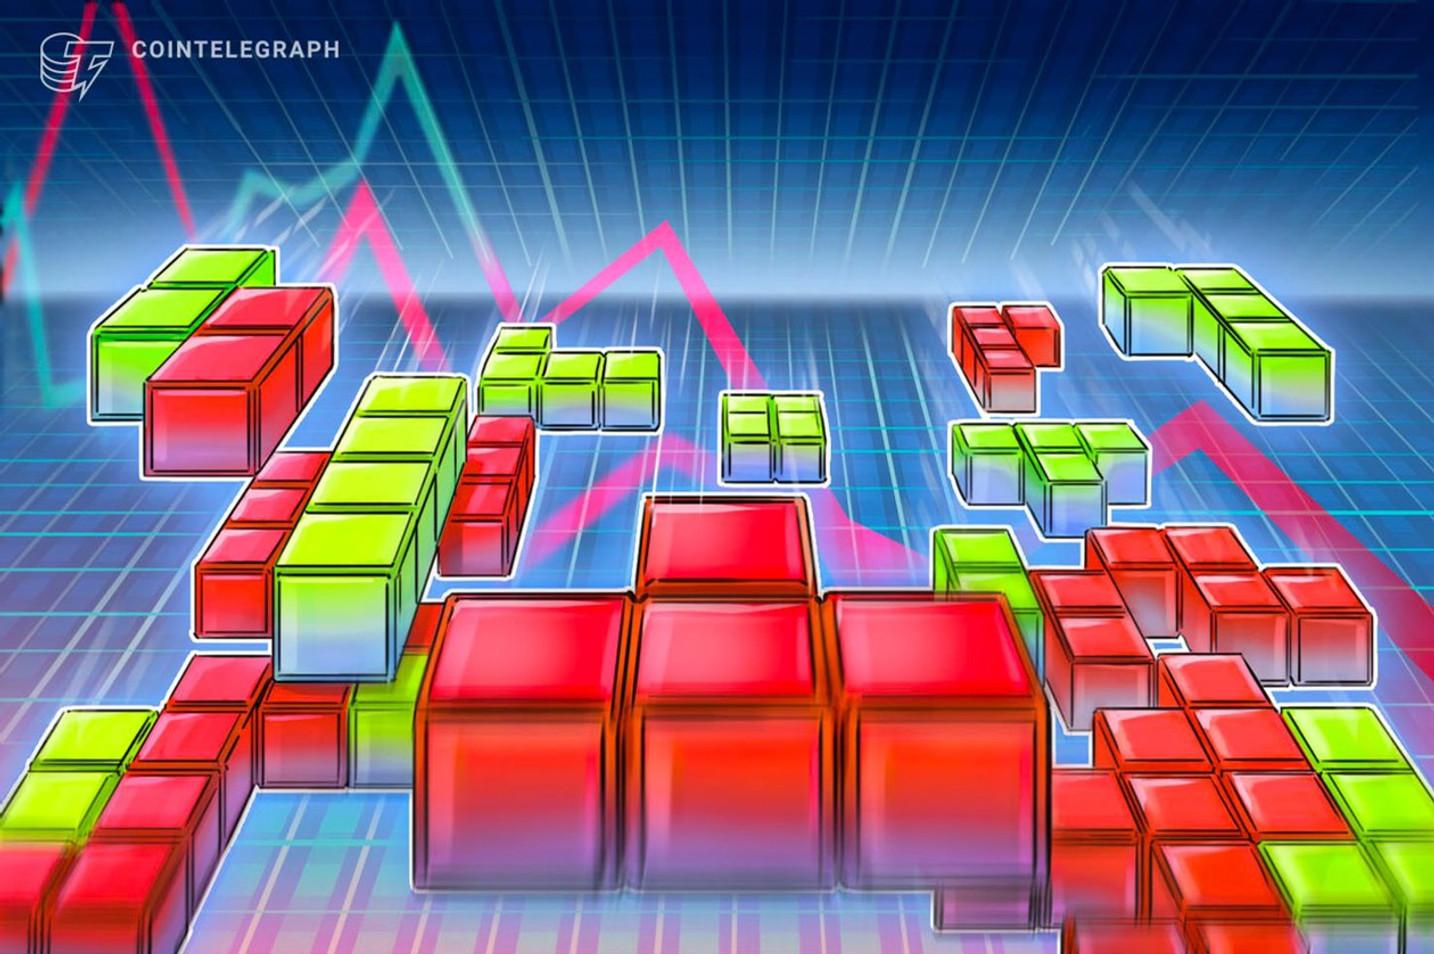 短期的にはレンジ相場を形成、次は上下どちらにブレイクするか 仮想通貨ビットコイン相場市況(12月27日)